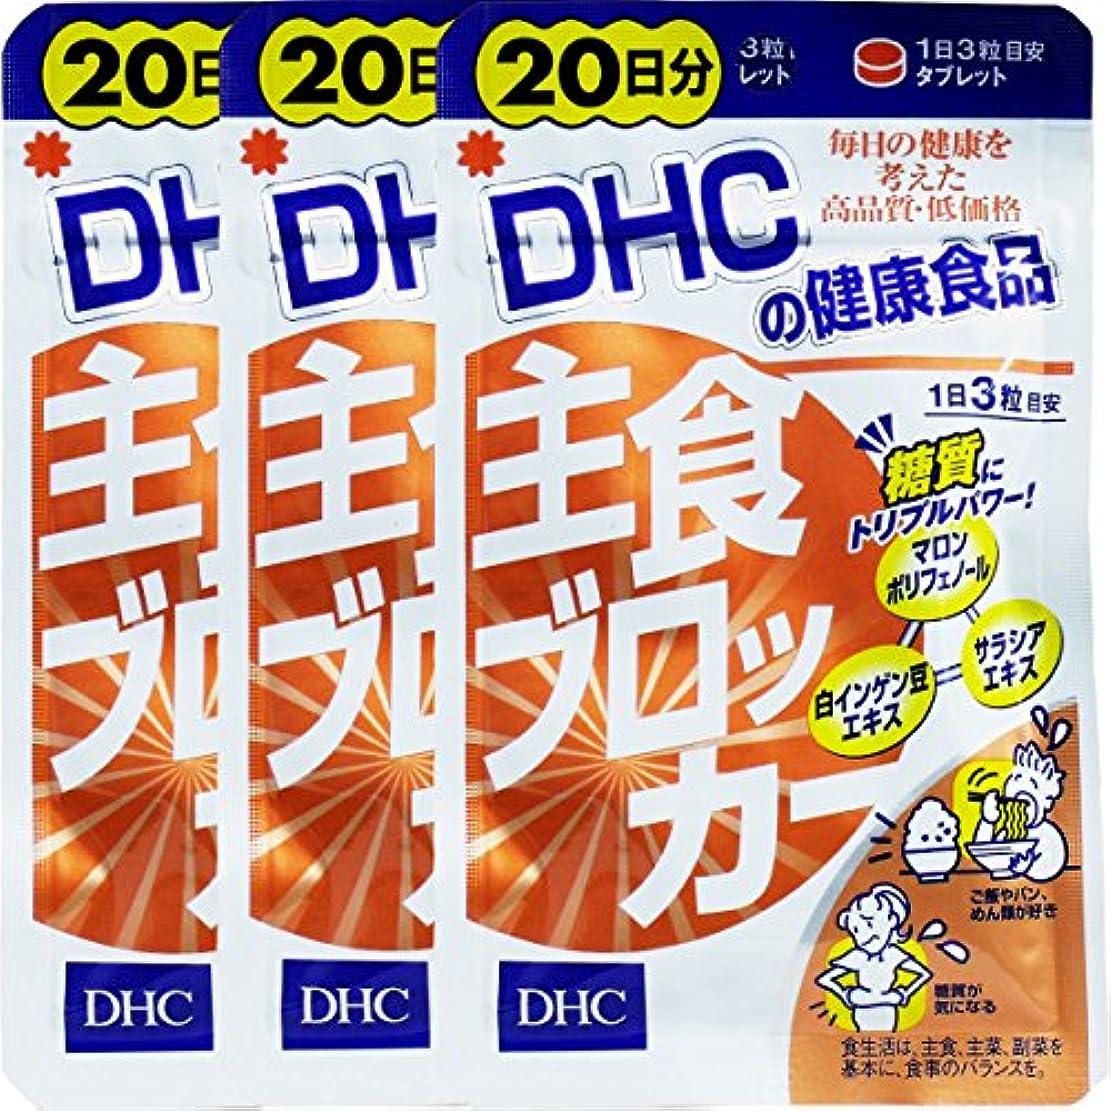 著者ハイキングに行くたらいDHC 主食ブロッカー 20日分 60粒入×3個